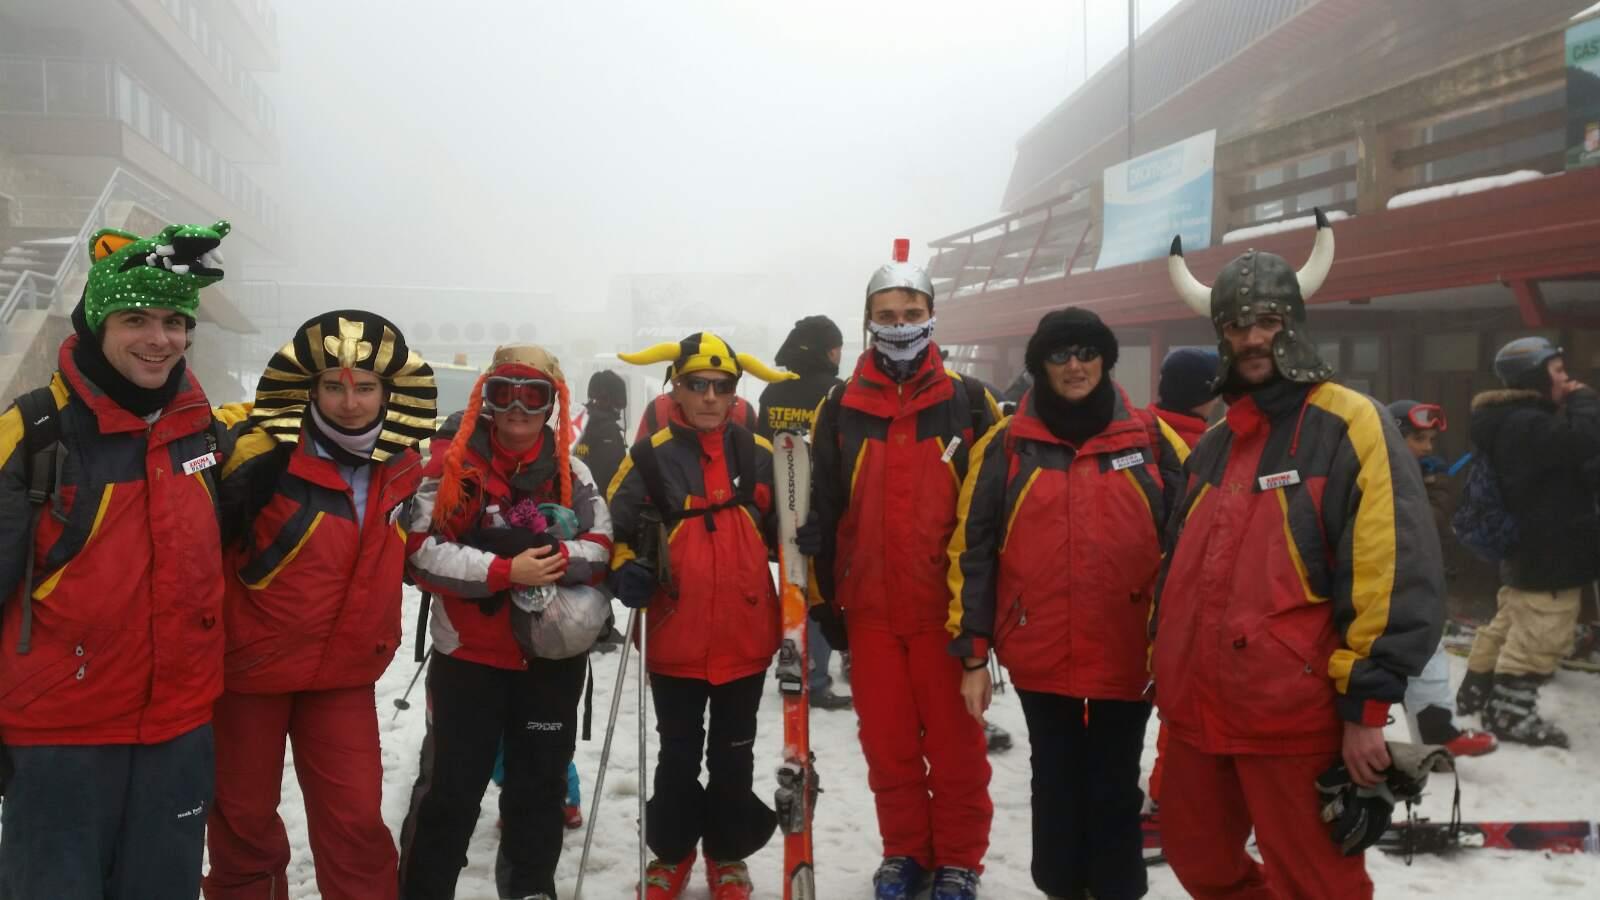 Vacaciones Escolares 2015. Cursos de ski. Viaje de esquí organizado.